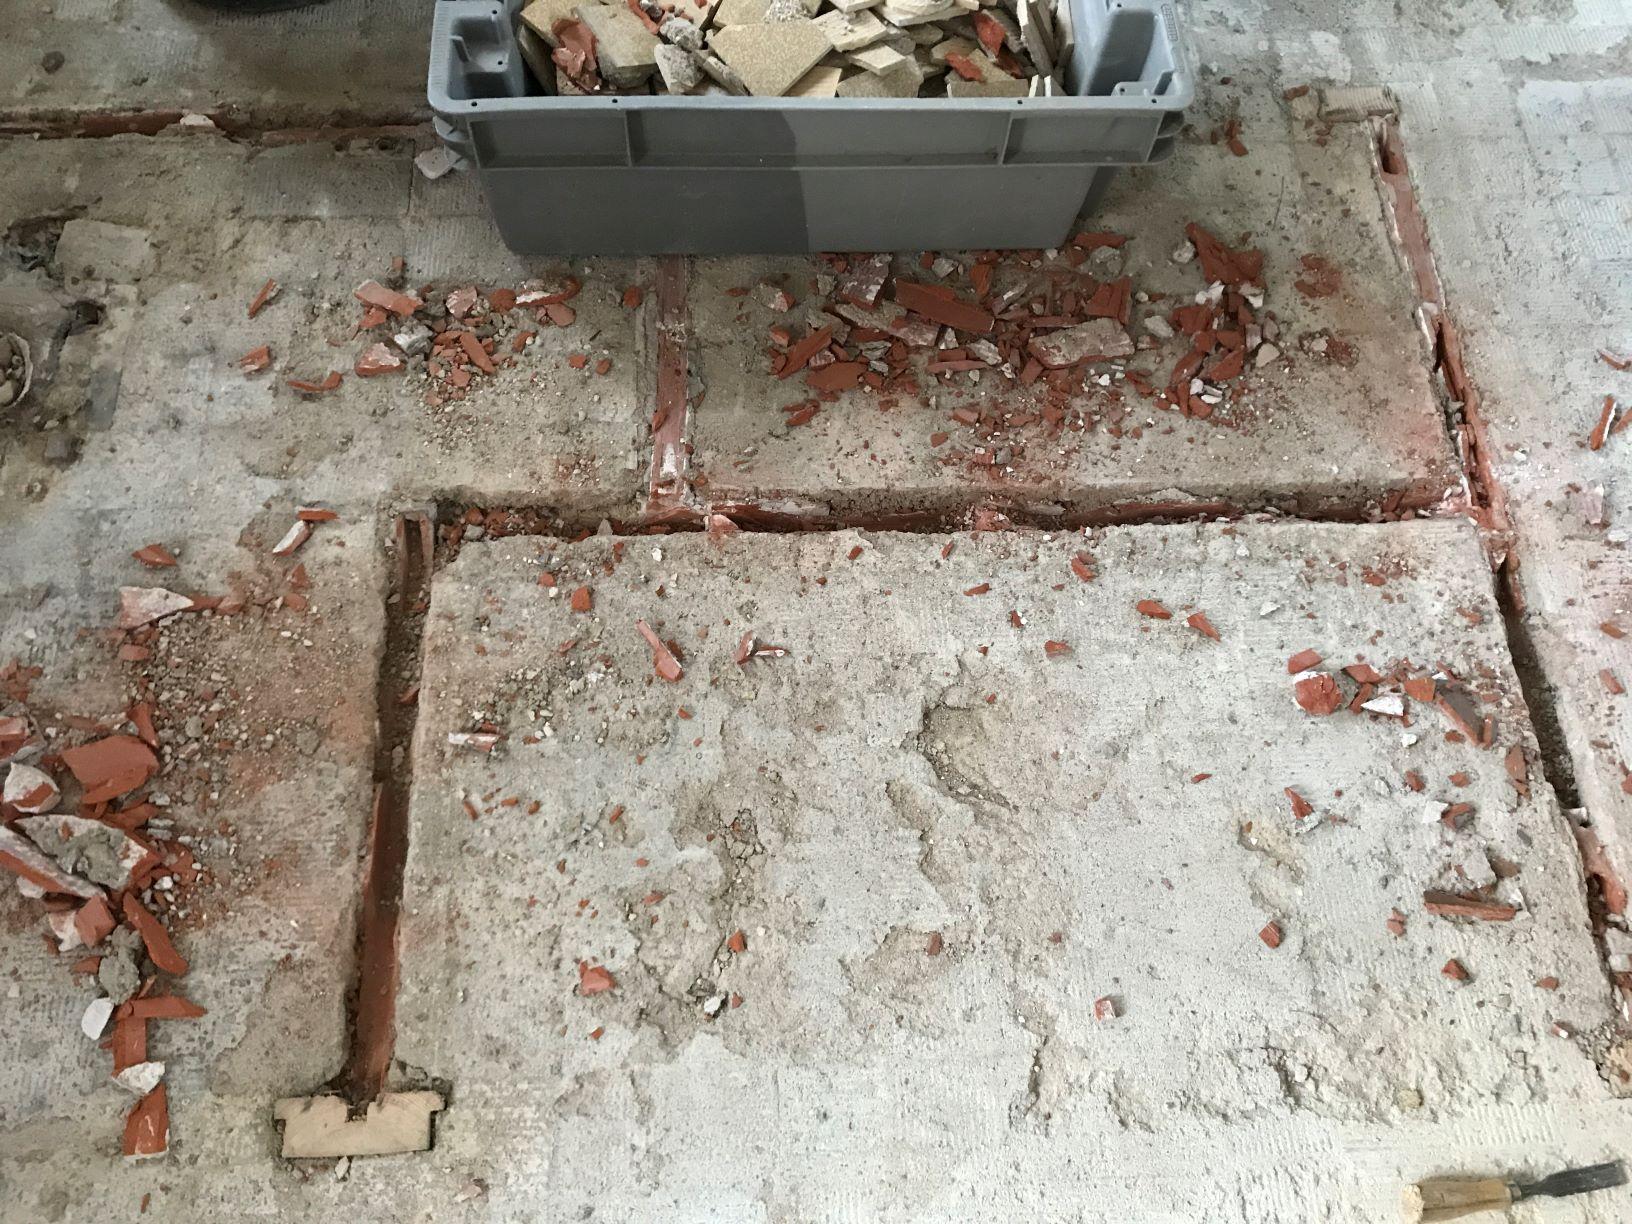 démolition de cloisons pour optimiser l'espace dans une entrée de maison